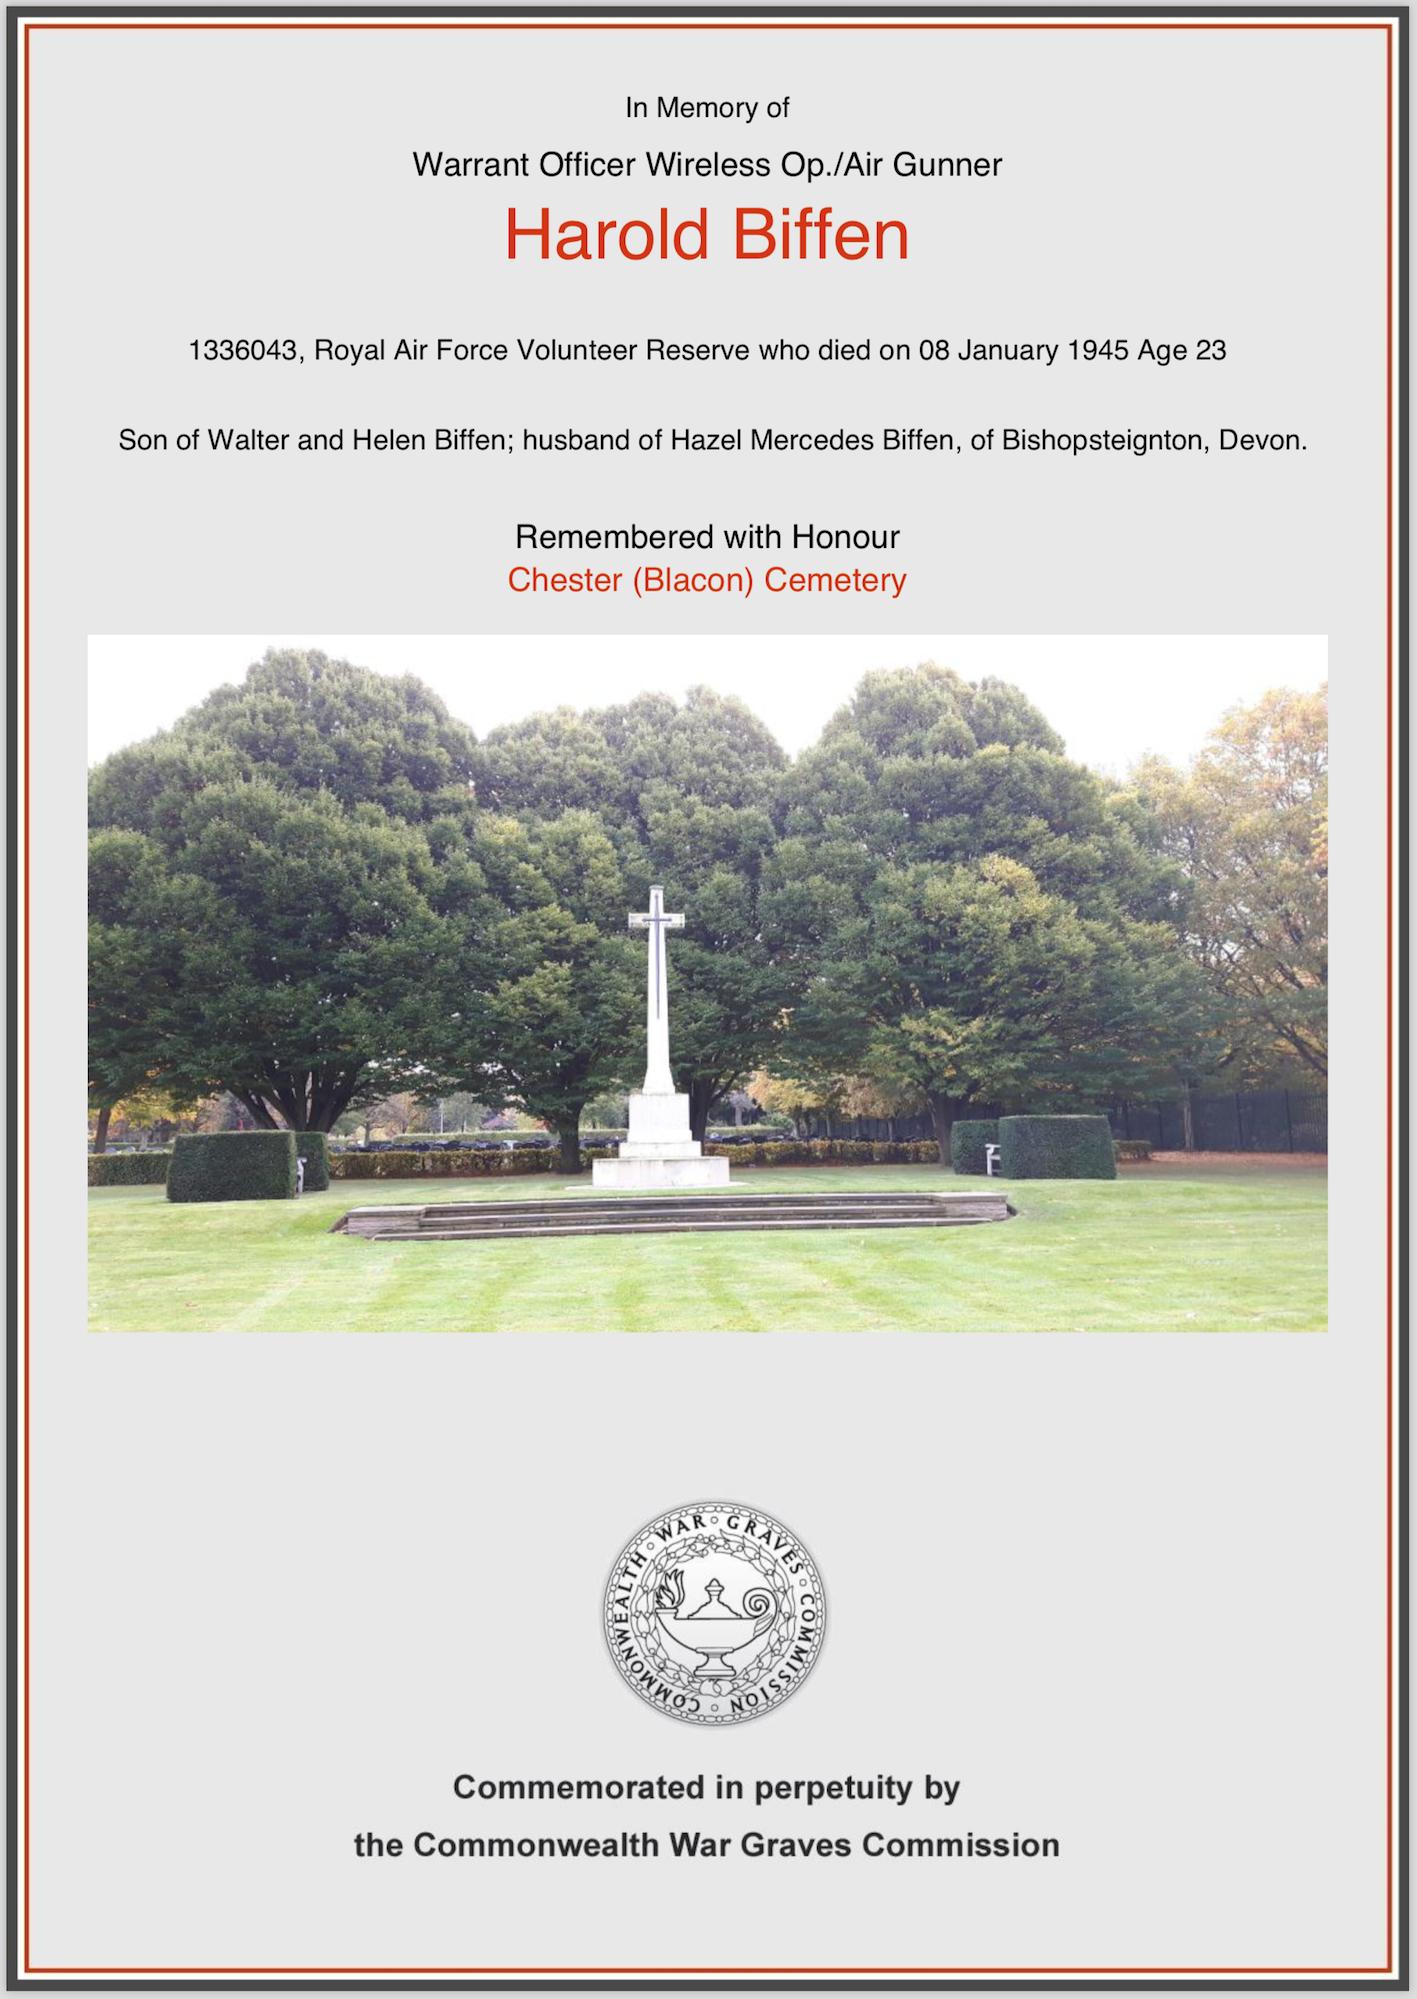 H Biffen Memorial